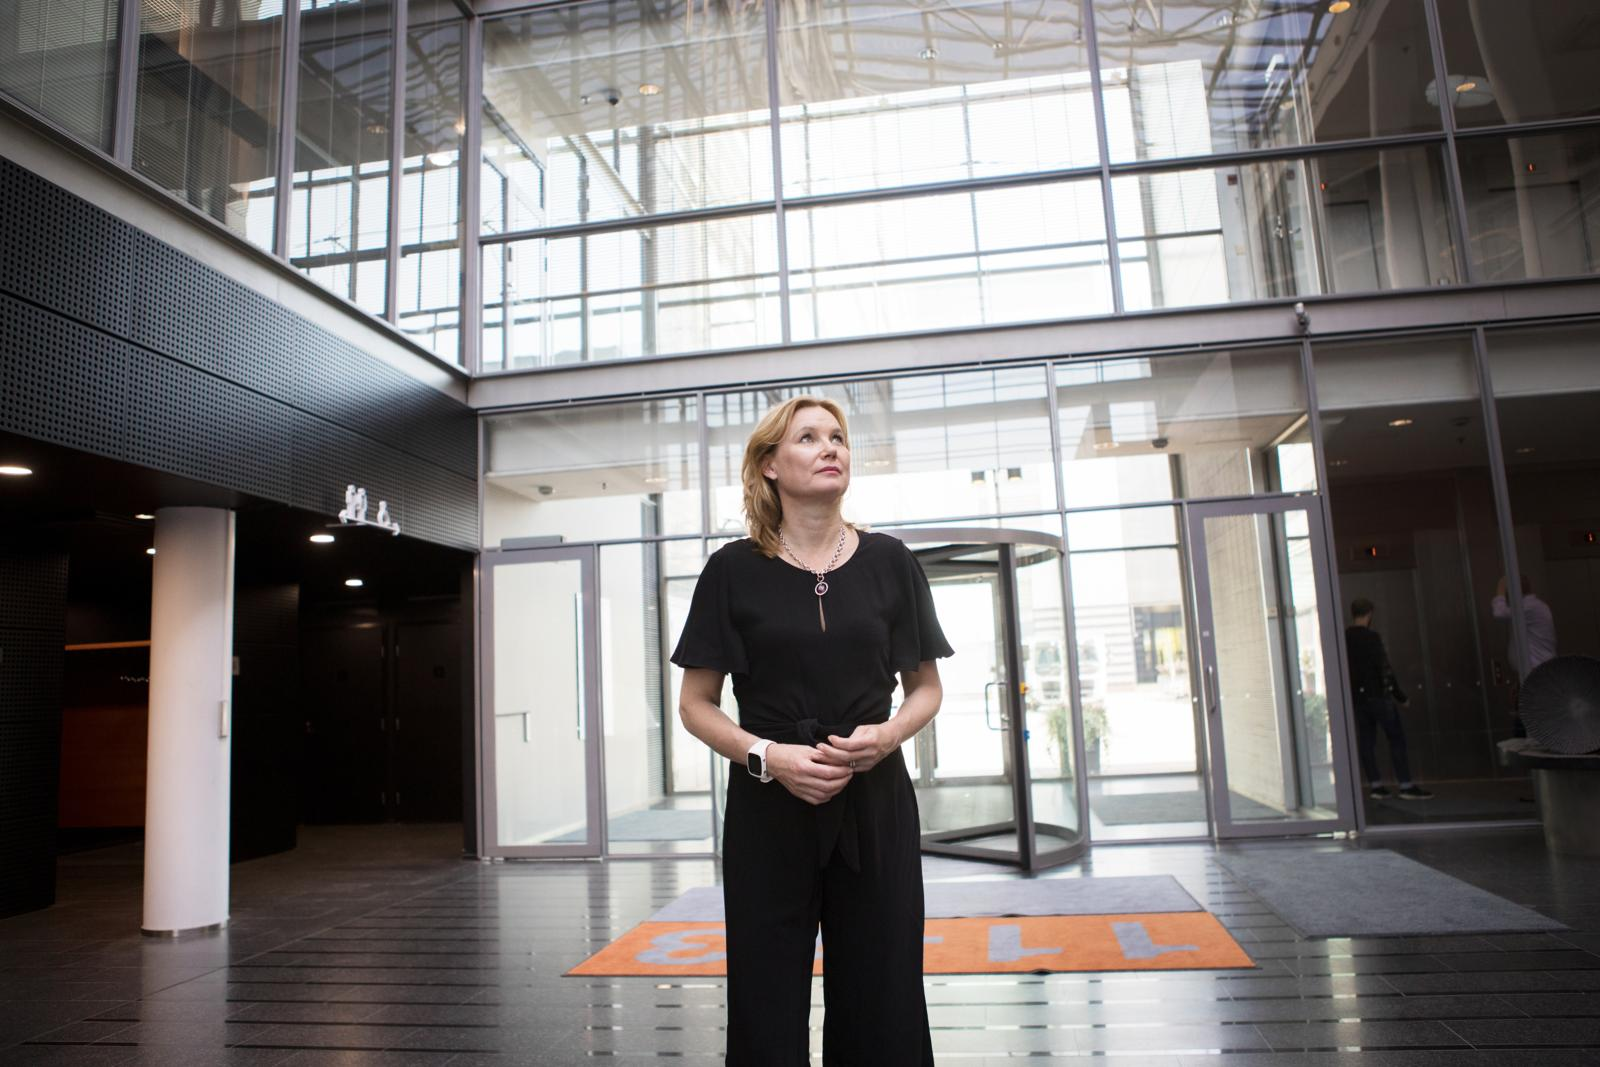 Mari Pantsarin mukaan eri kauppojen ilmastotekojen vertailu on vaikeaa. Hän arvioi yrityksen omia prosesseja, tapaa tuottaa energiaa ja valaista myymälät, mutta myös tuotteiden vastuullisuutta. Kuva: Eeva Anundi